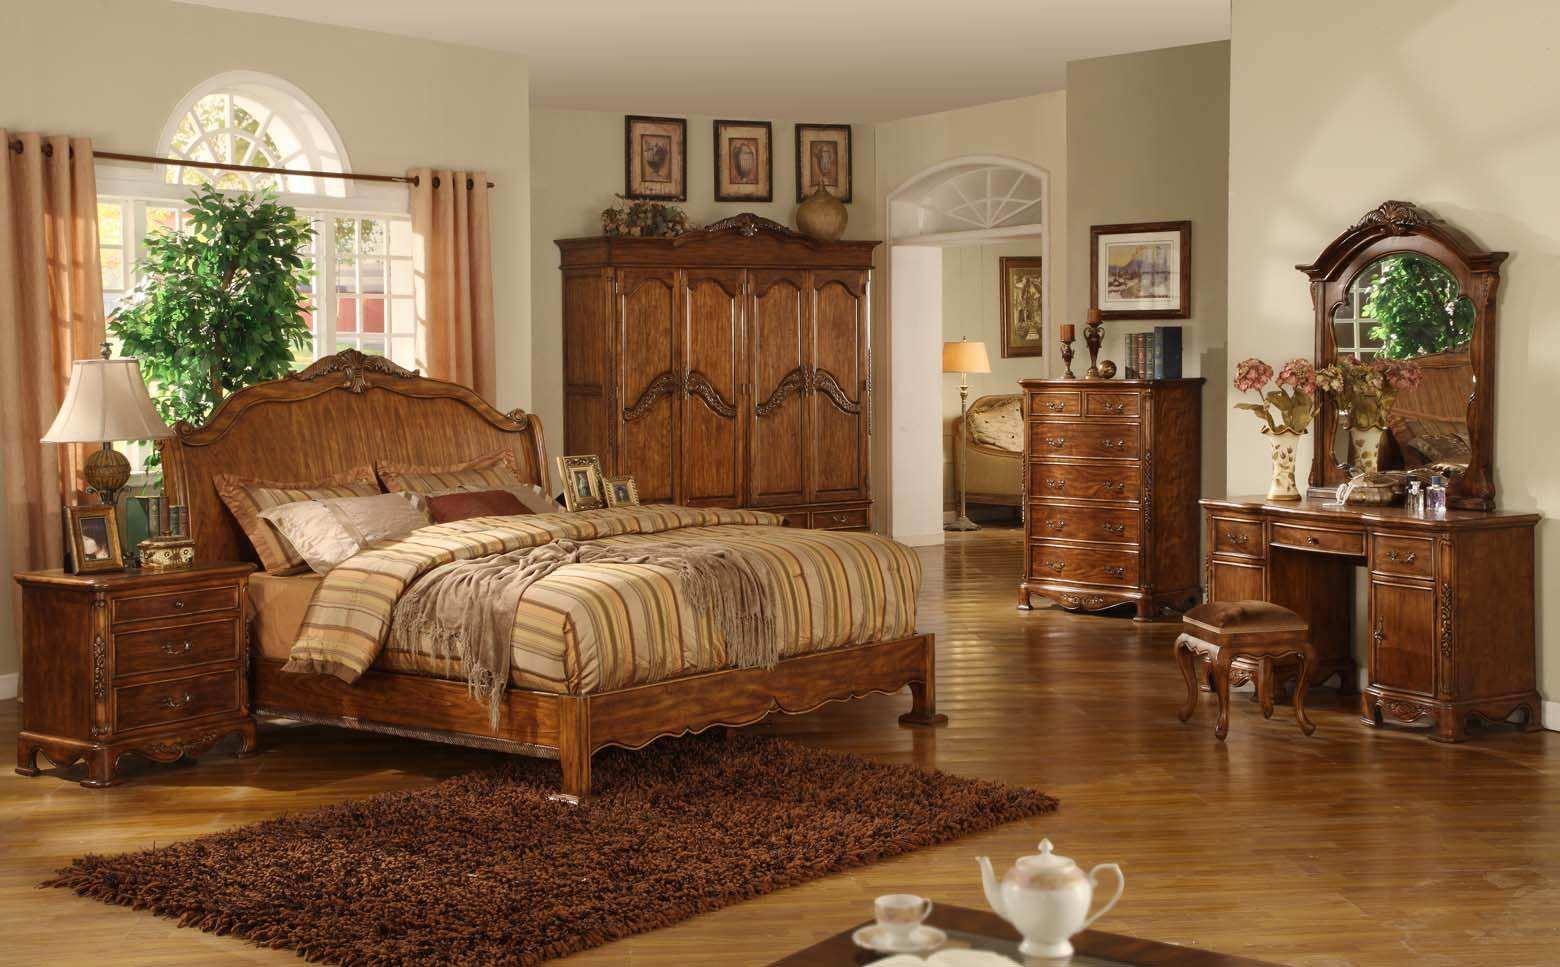 实木家具的日常保养方法